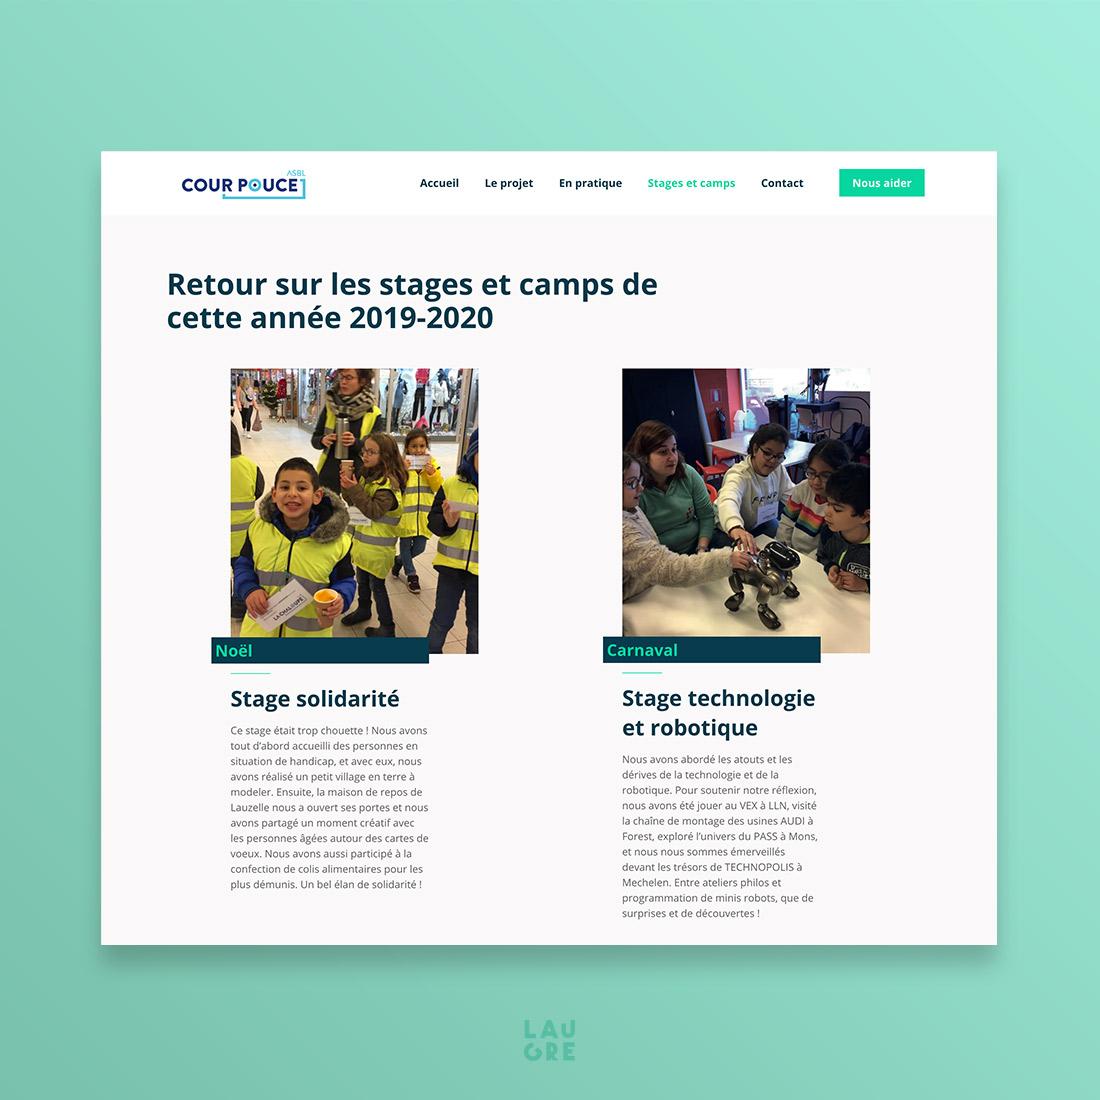 laugre-courpouce-desktop3